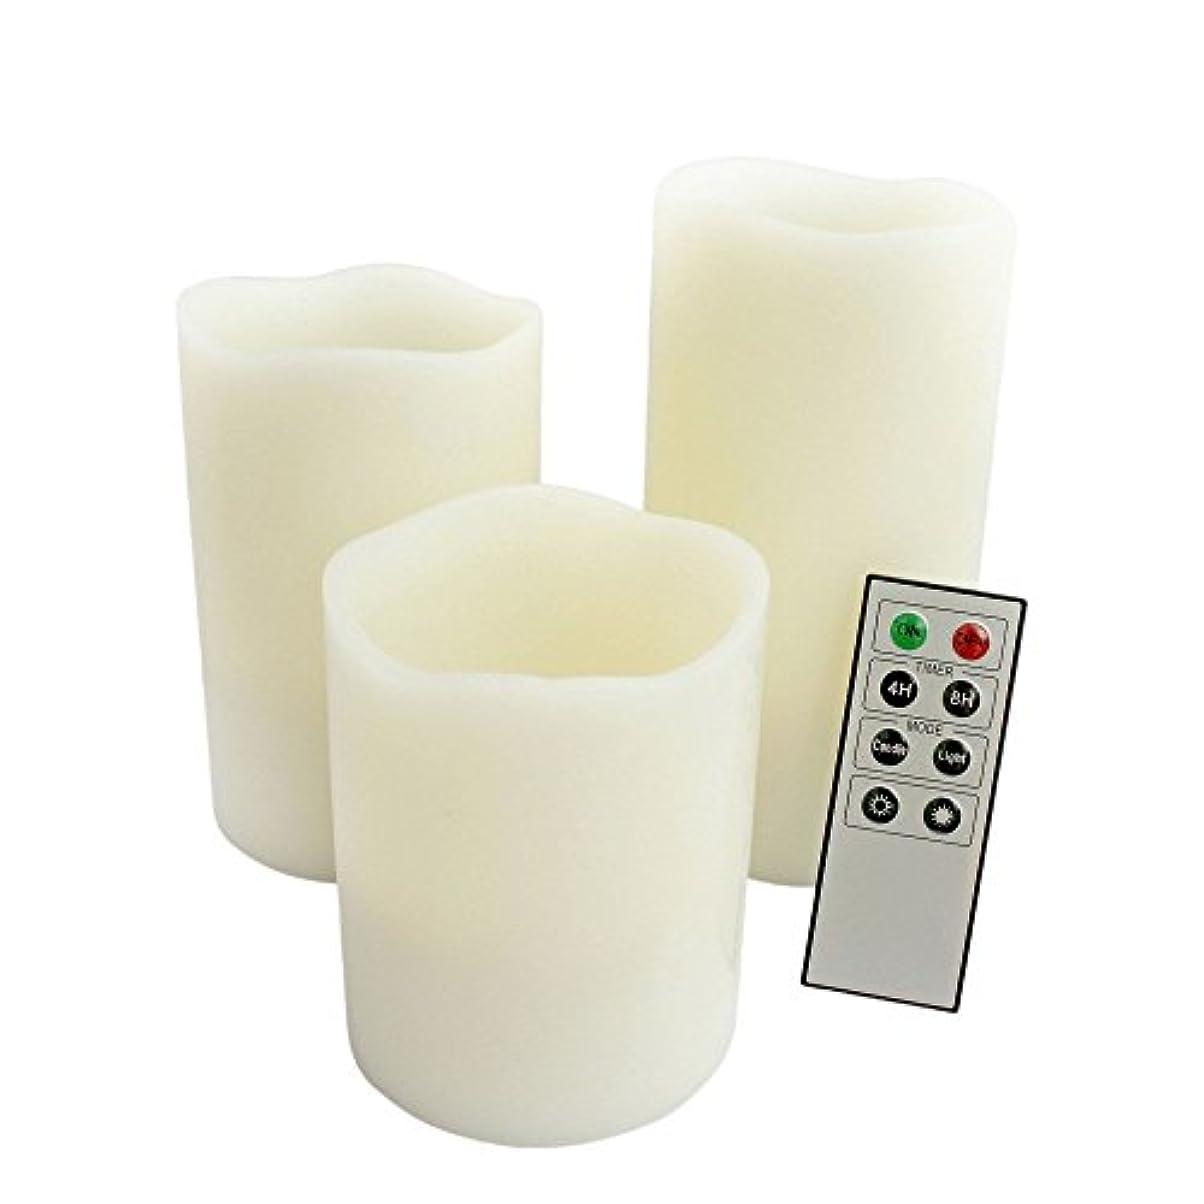 ありがたいレバー読者Candle Choice d70rw31456 mラウンド溶けエッジリモート制御さ使わないワックスピラーLEDキャンドル、本物のワックス、3ピース